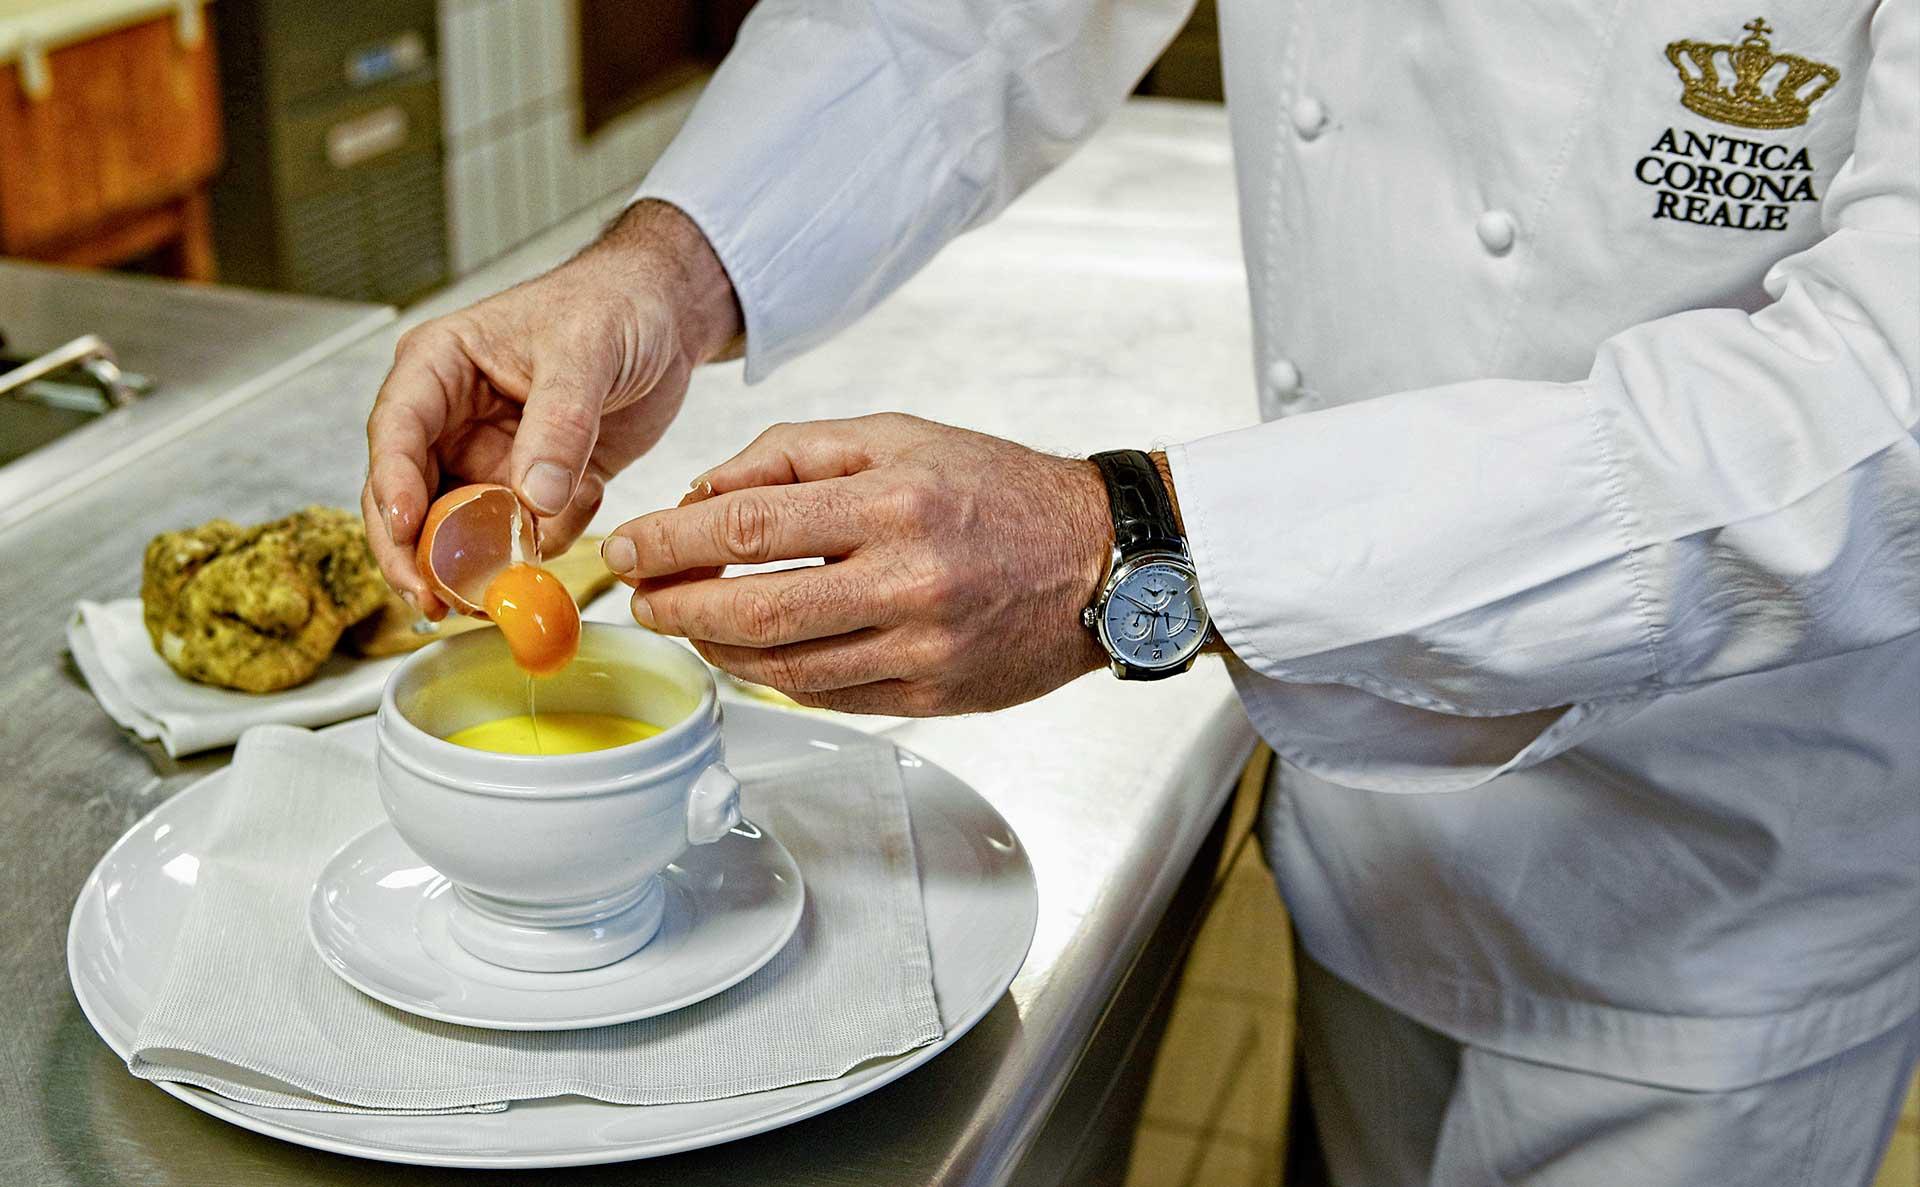 Chef all'opera all'Osteria Antica Corona Reale (2 stelle Michelin)